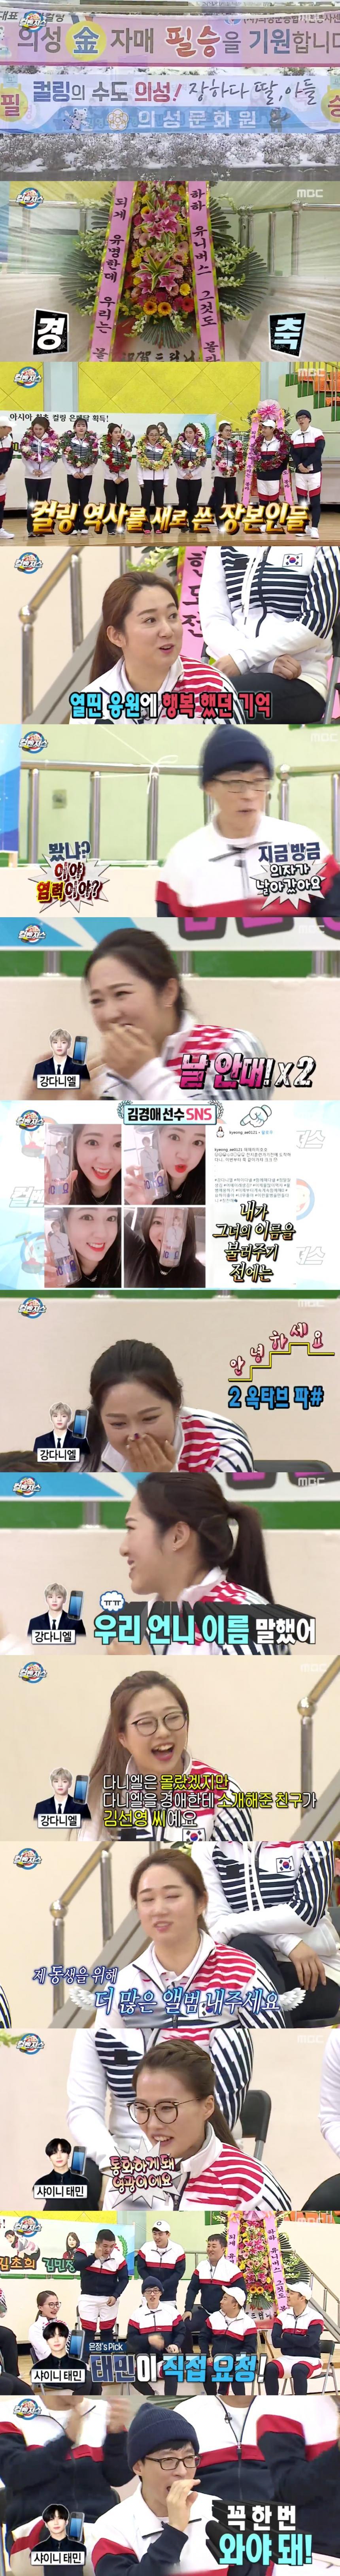 MBC '무한도전' 방송캡쳐